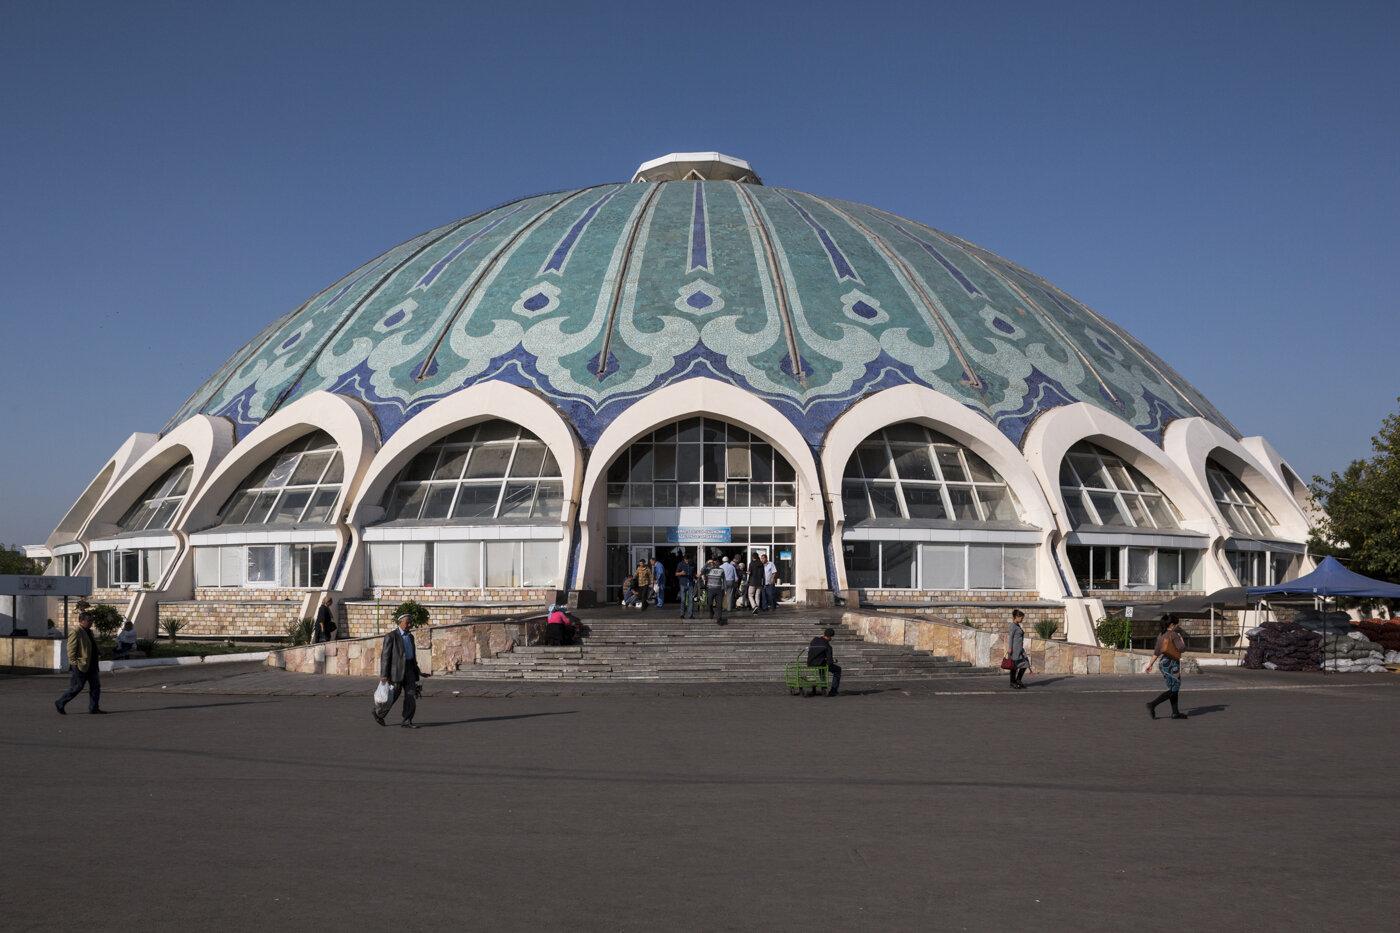 Chorsu Bazaar, by S. Adylov, Y. Miroshnichenko, V. Iskhakbayev (1980). Tashkent, Uzbekistan. Photo: Stefano Perego.